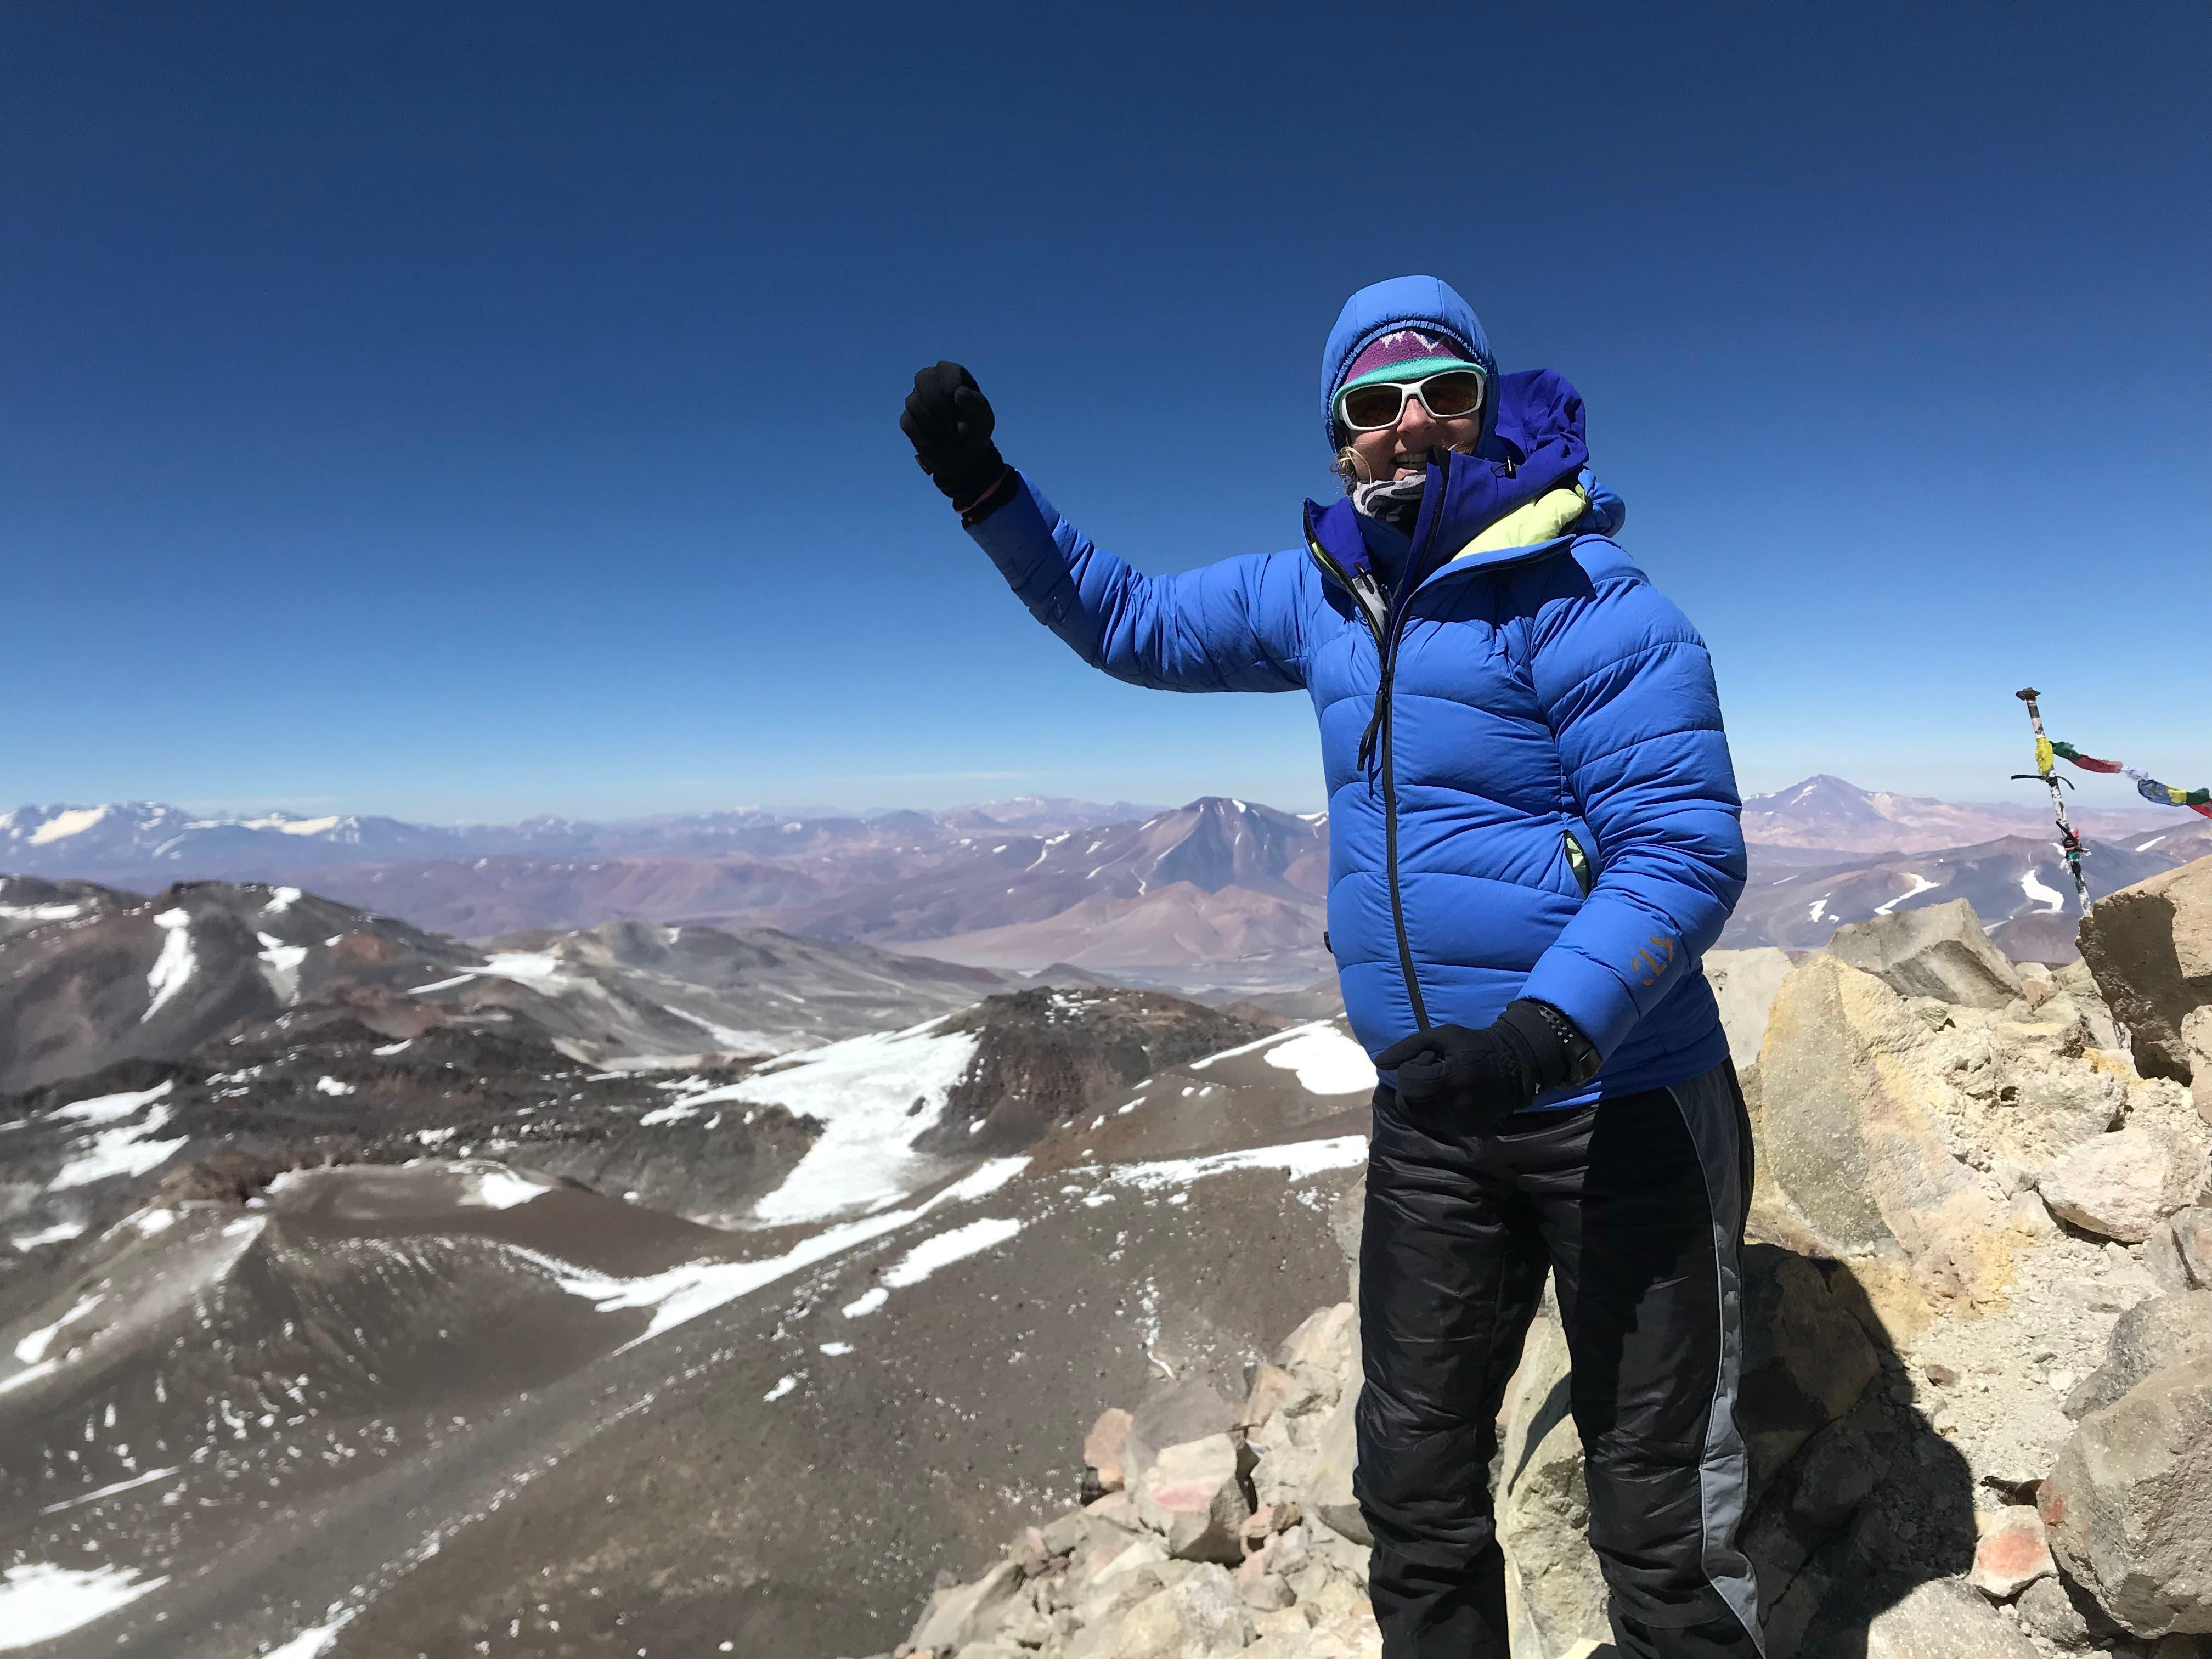 Und vor zwei Jahren stand sie auf dem höchsten Vulkangipfel der Erde, dem Ojos del Salado (6893m) in Chile.